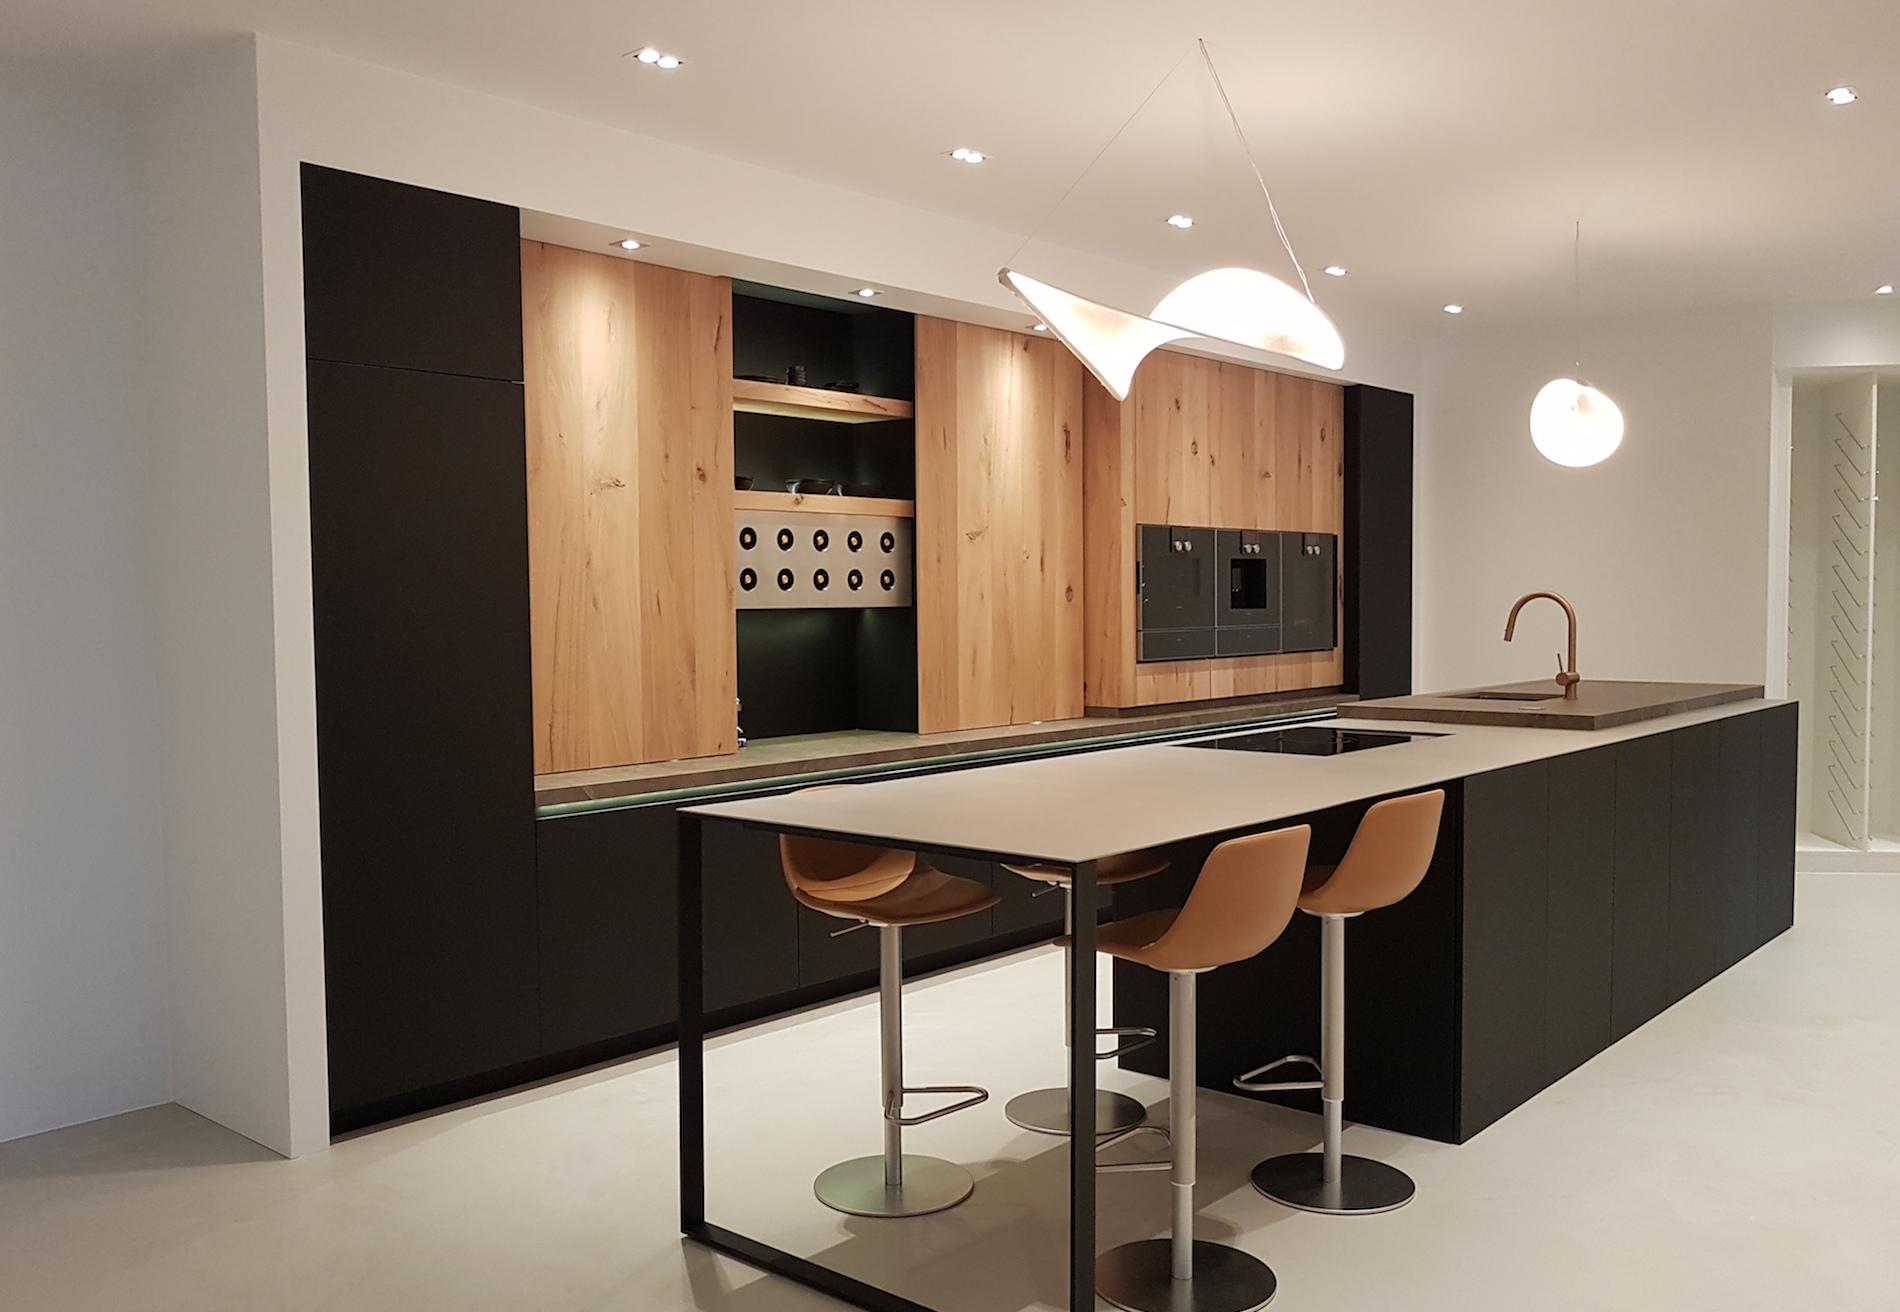 moderne keukenrenovatie - D&C Interieurs Mechelen